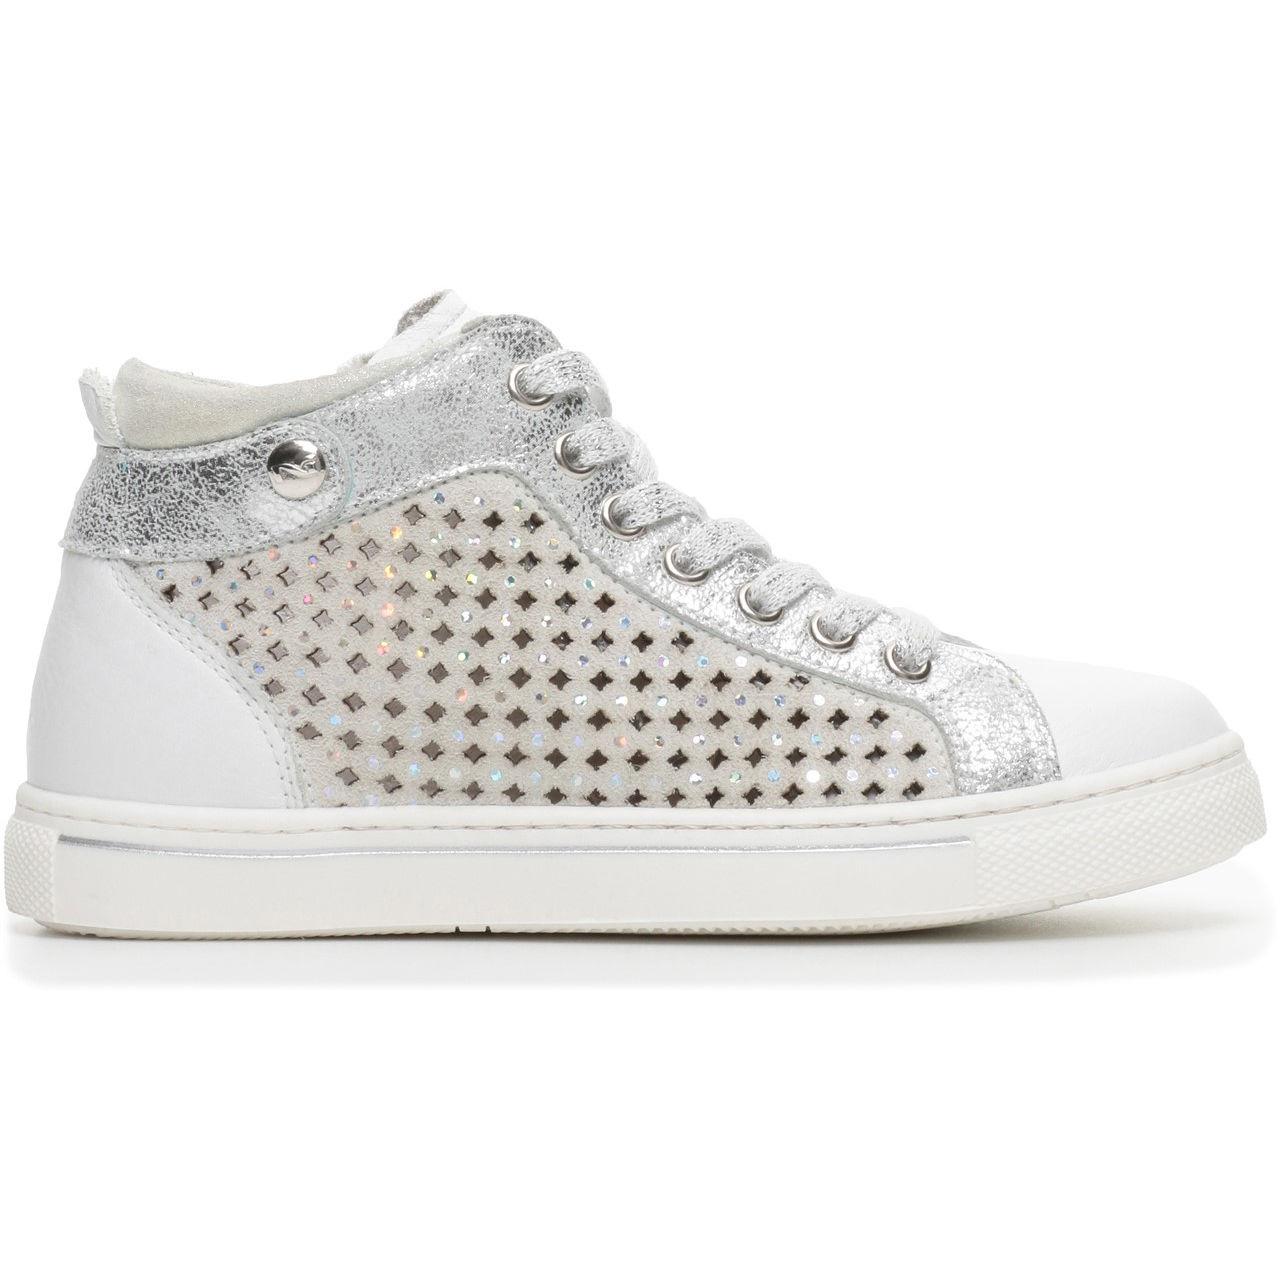 Scarpe sneakers bambina bimba nero giardini teen original - Nero giardini scarpe bimba ...